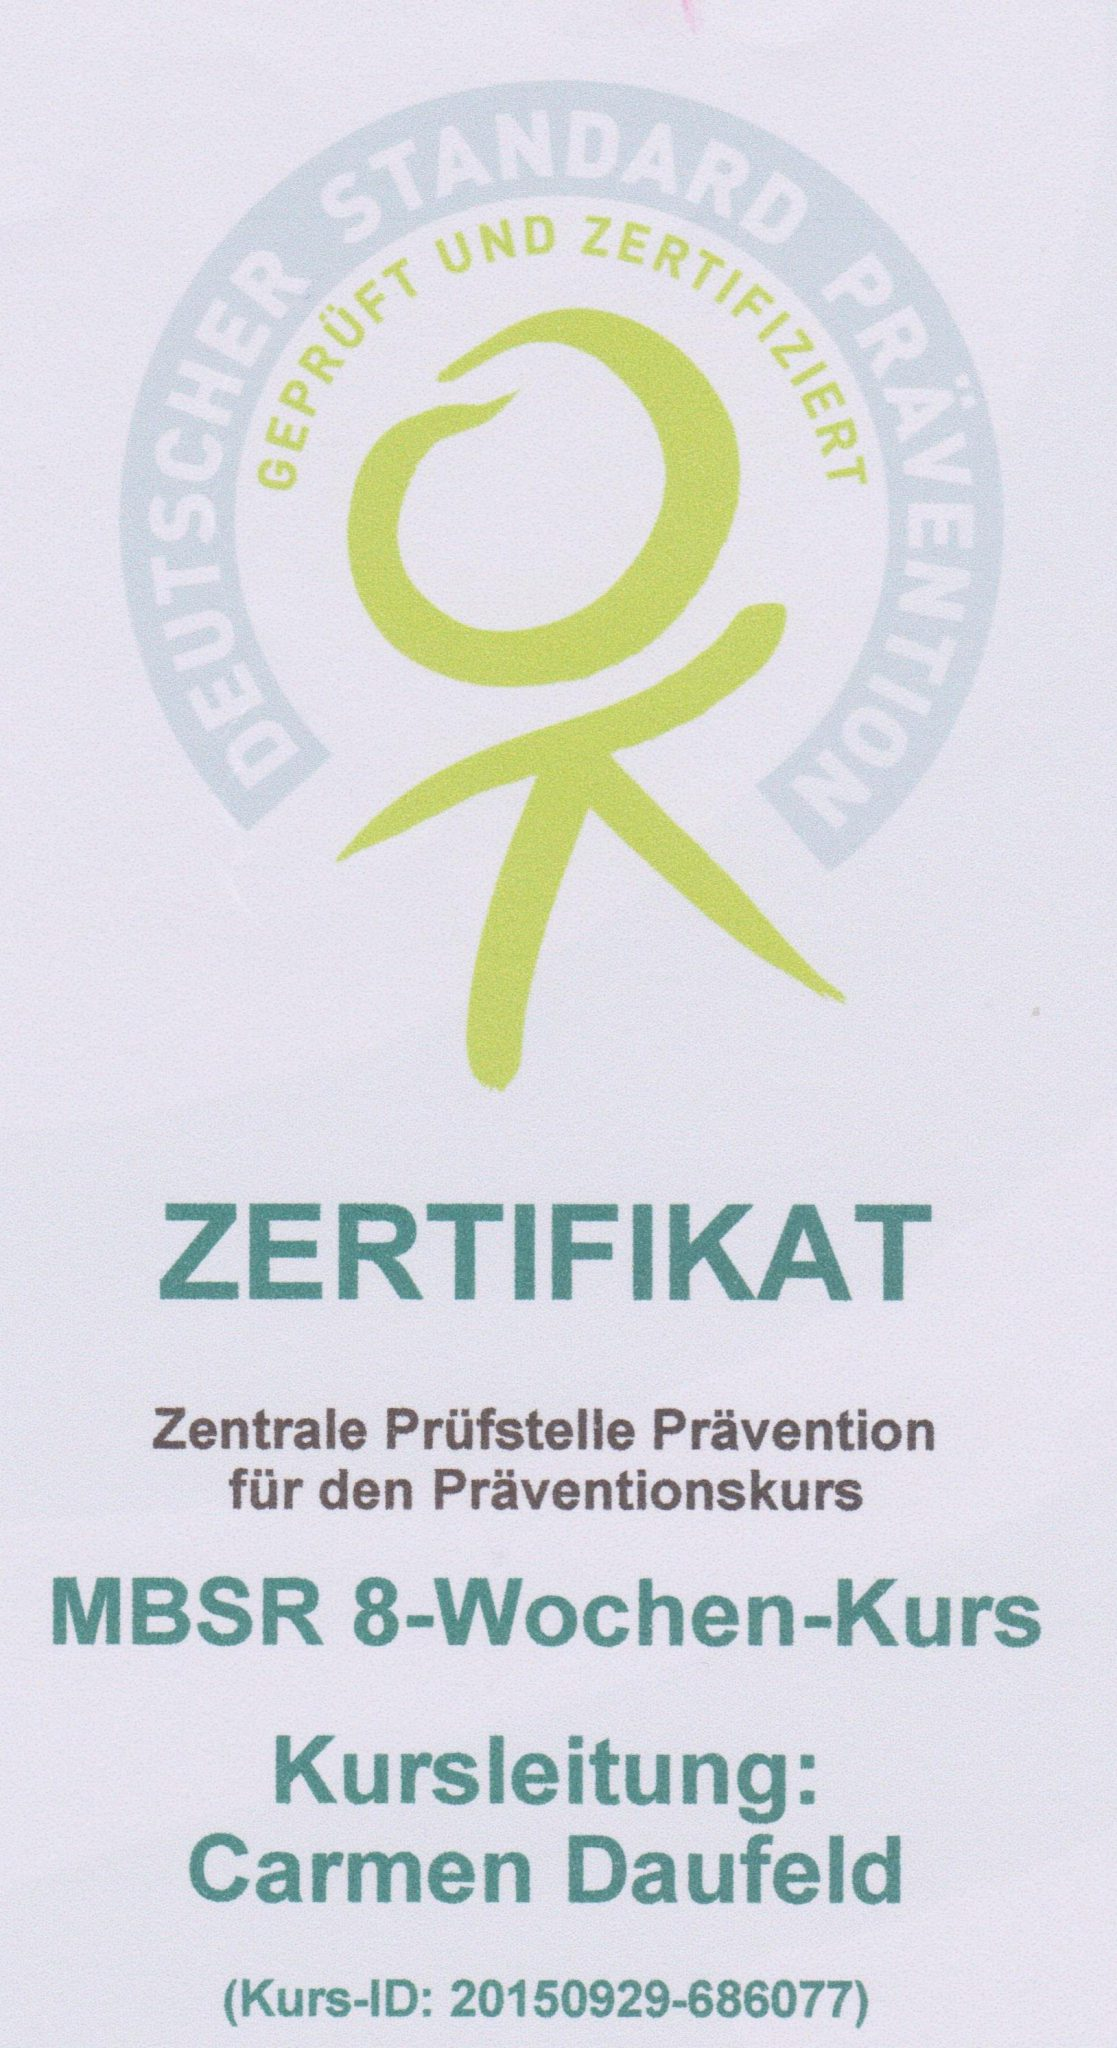 Prüfstelle Prävention - geschnitten